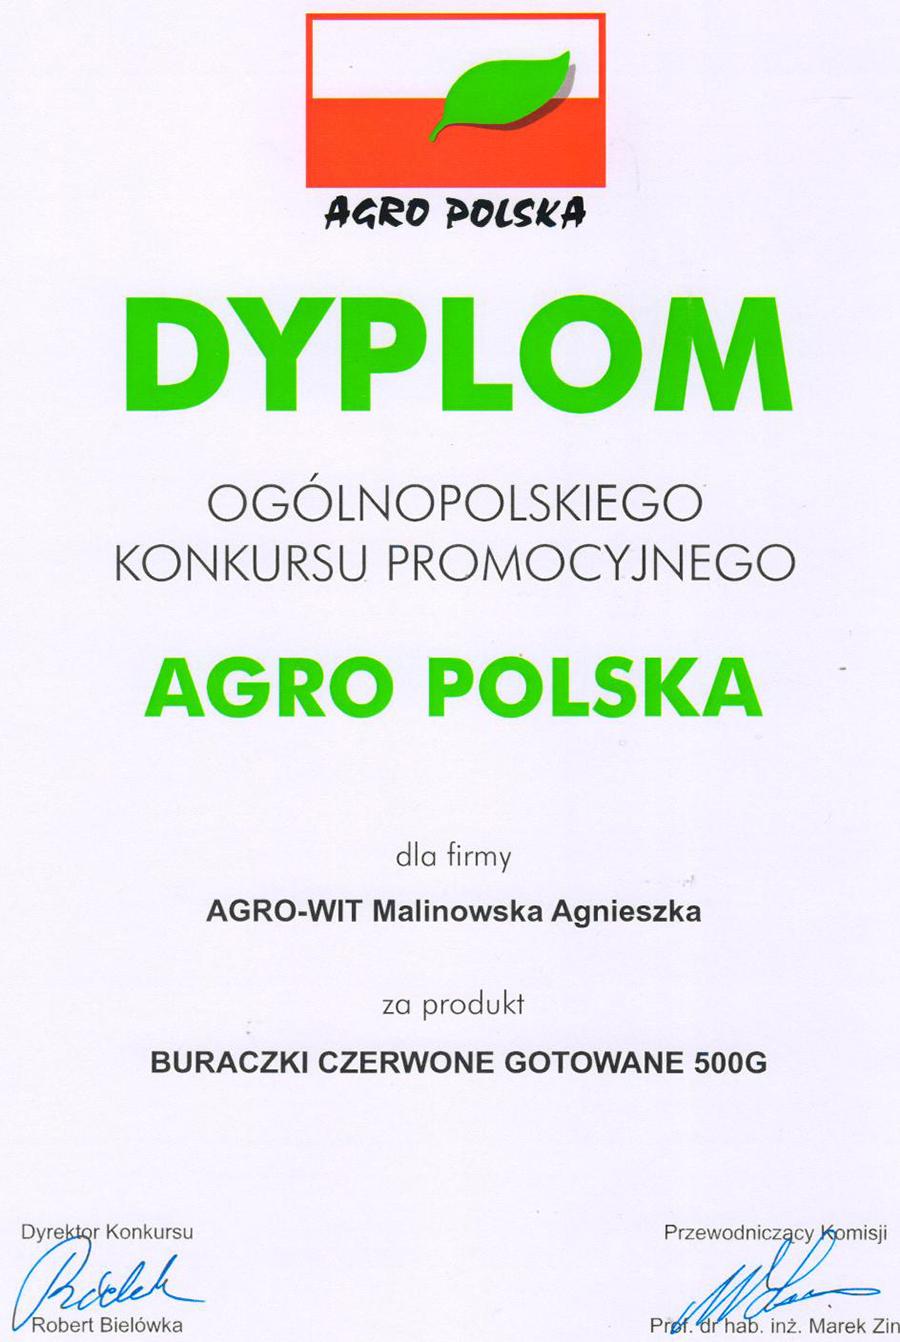 dyplomy-agro-polska-buraczki2015